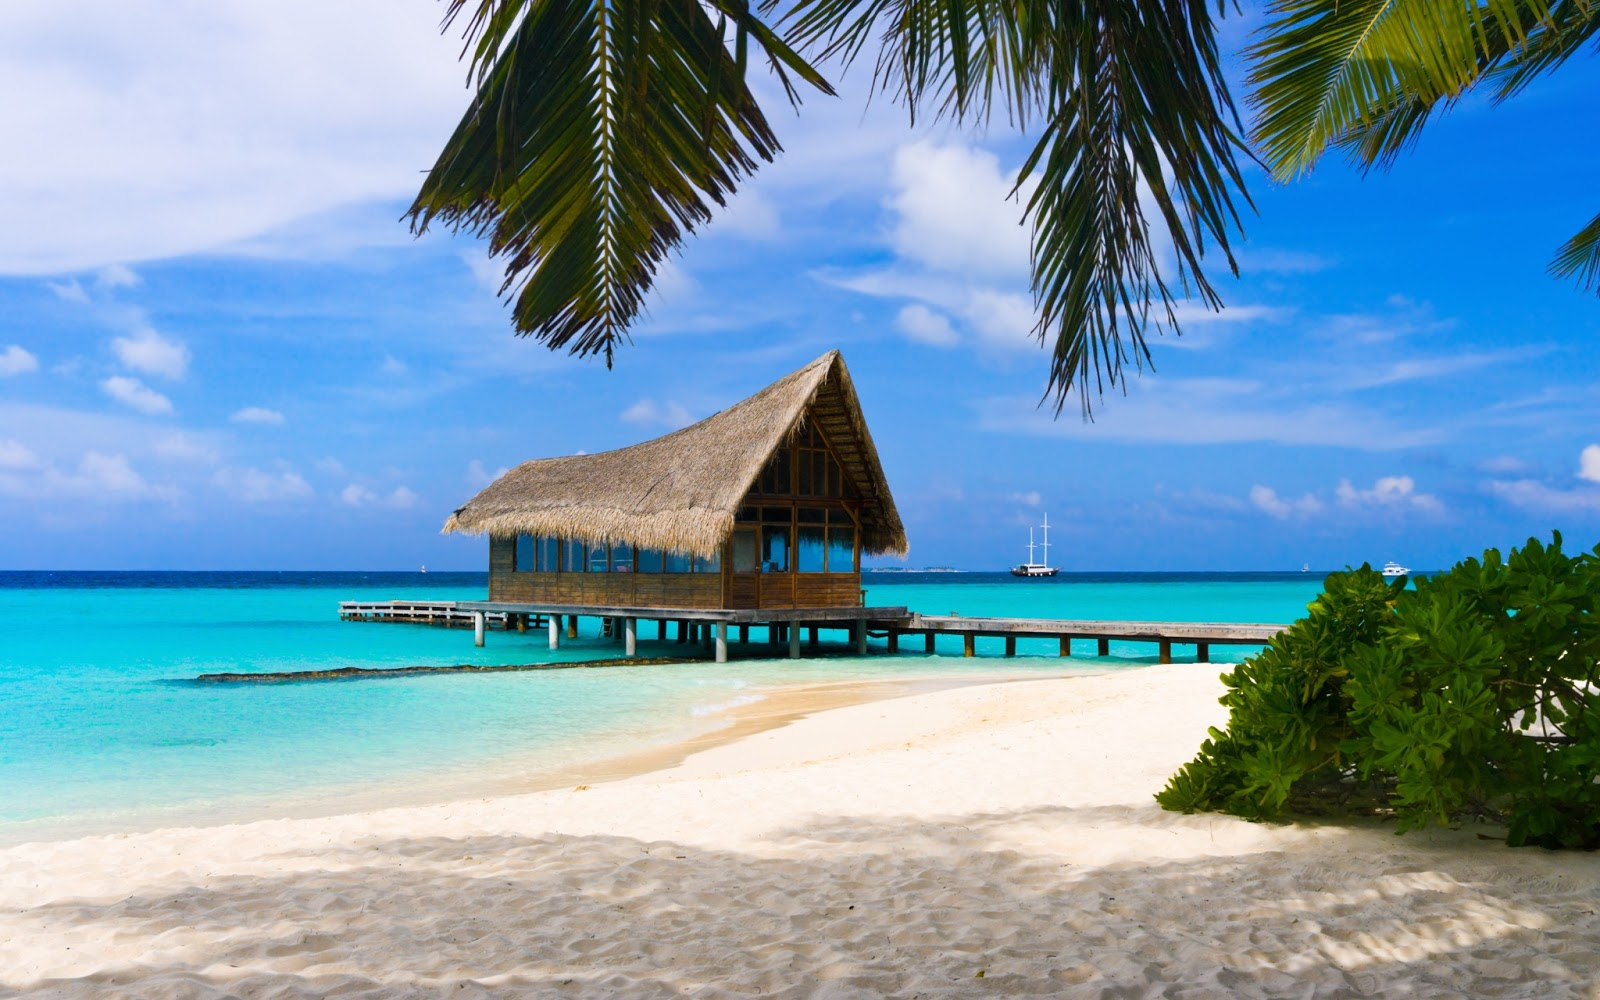 Hd wallpapers gratis fondo de pantalla paisaje caba a en - Cabanas en la playa ...